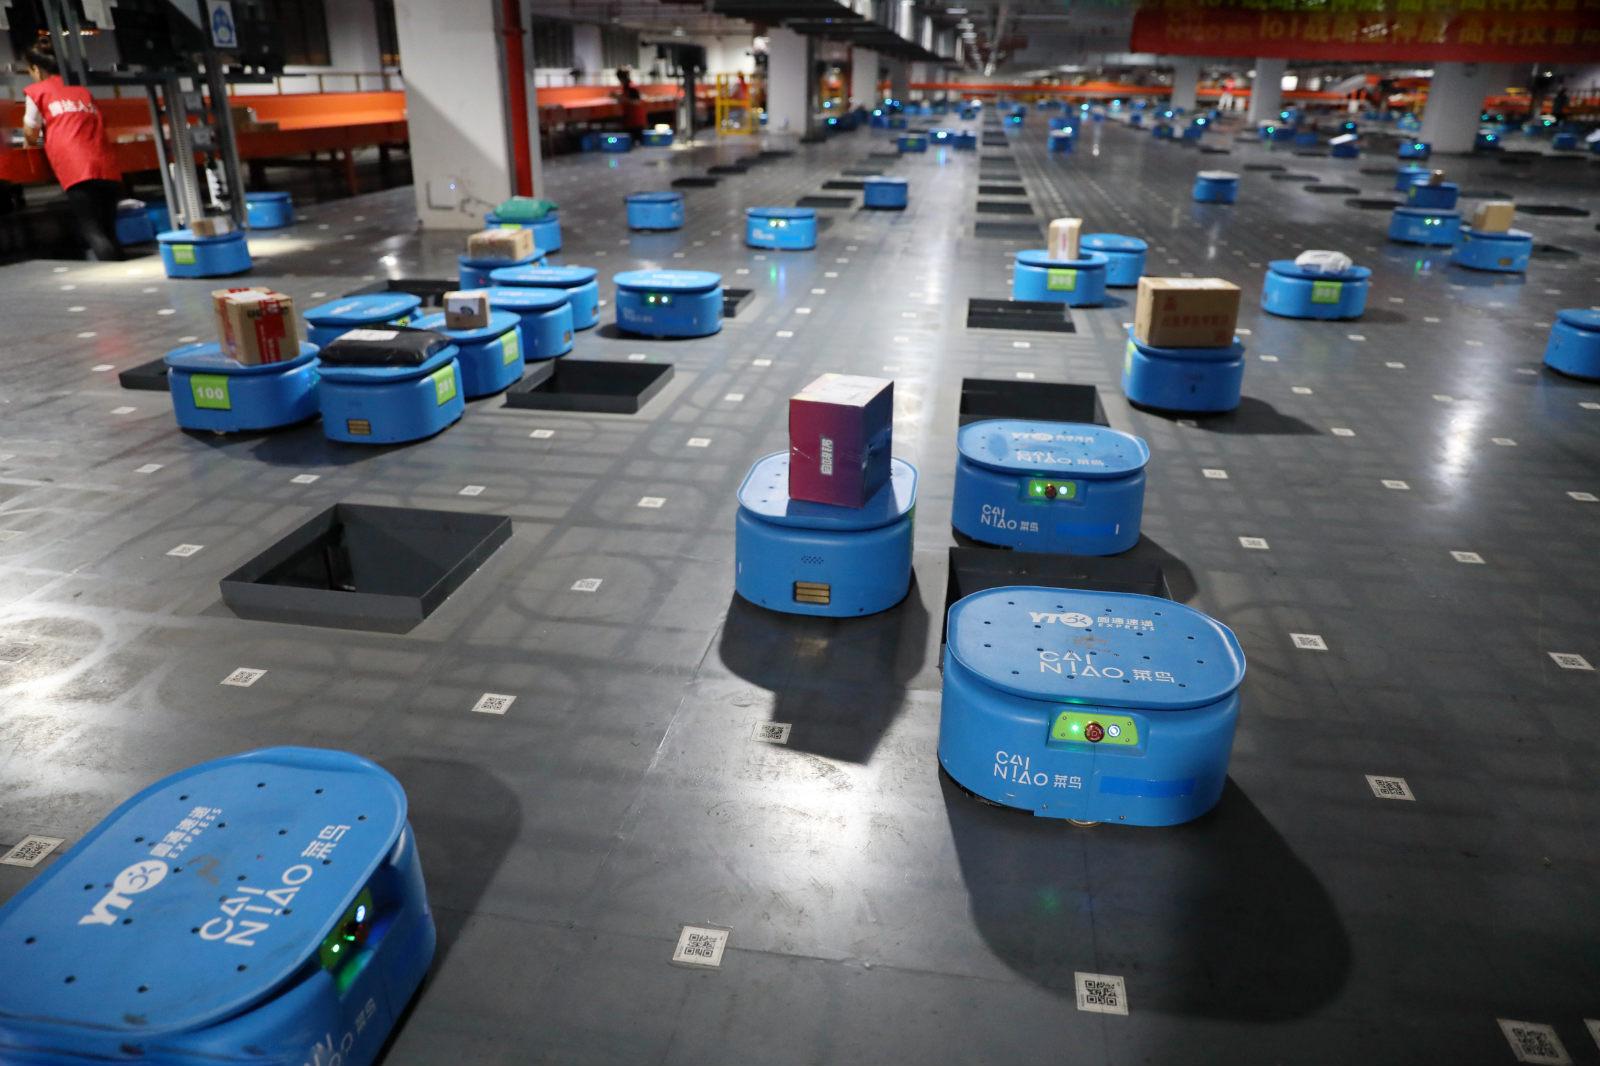 菜鸟超级机器人分拨中心内, 350台机器人每天可分拣超过50万个包裹_meitu_10